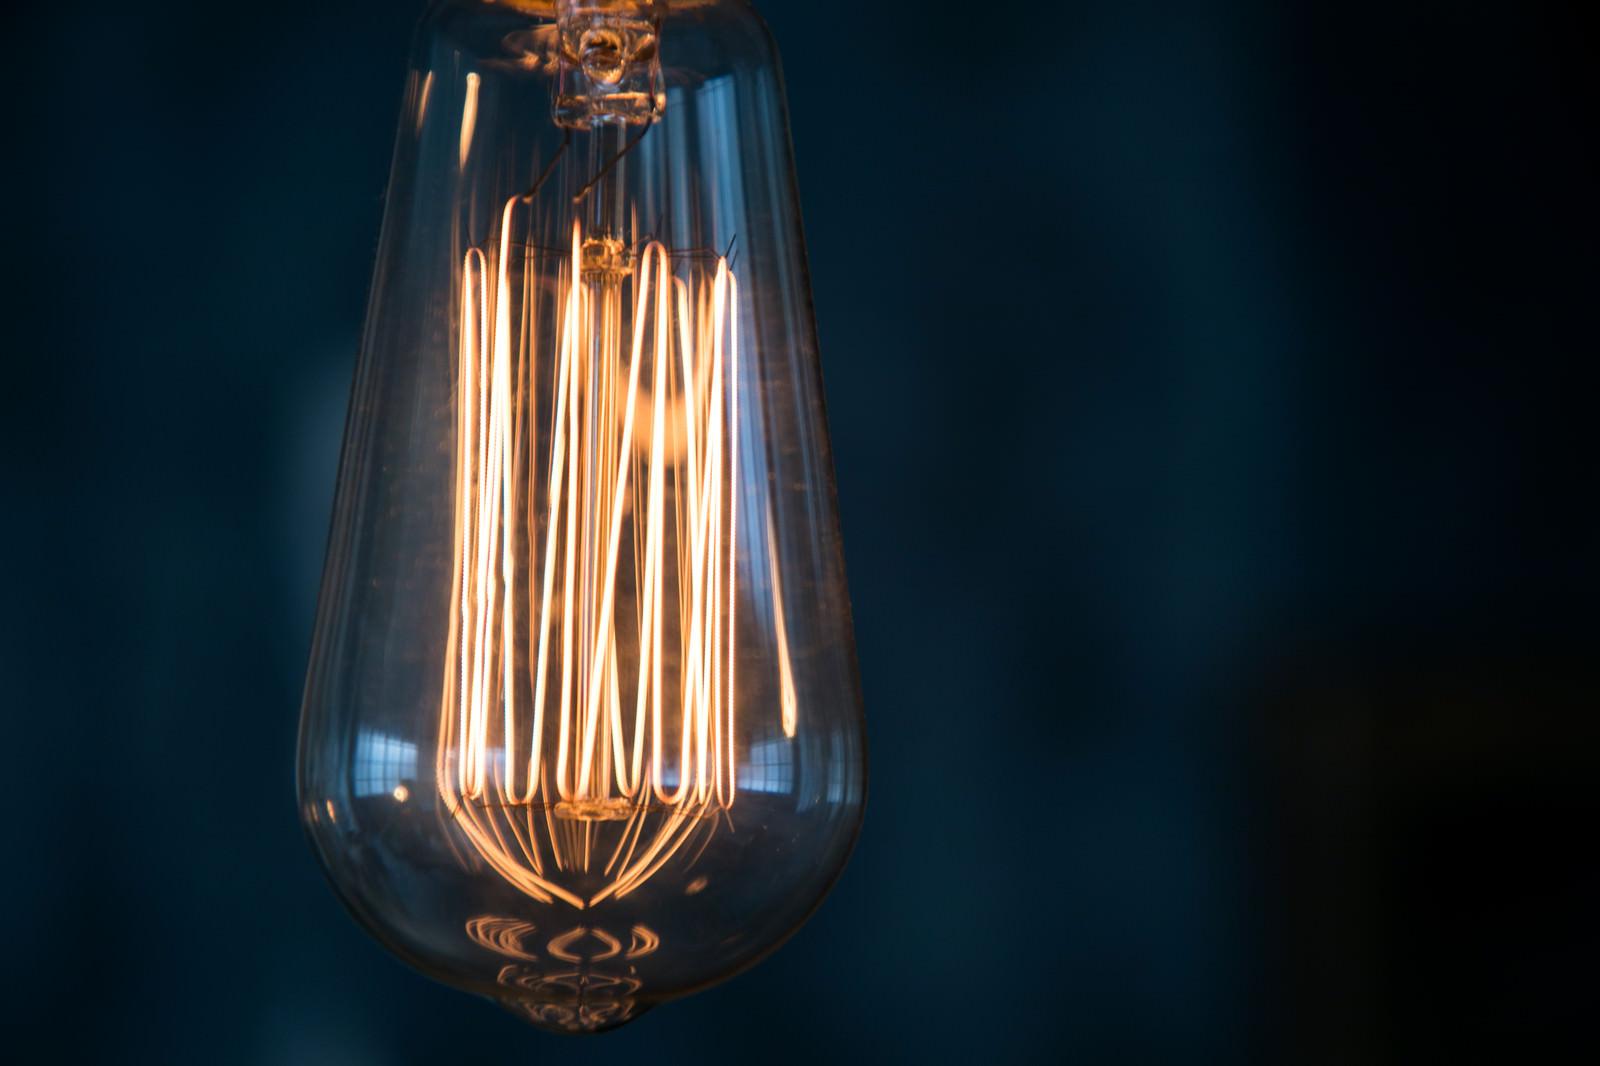 「古きレトロな電球」の写真